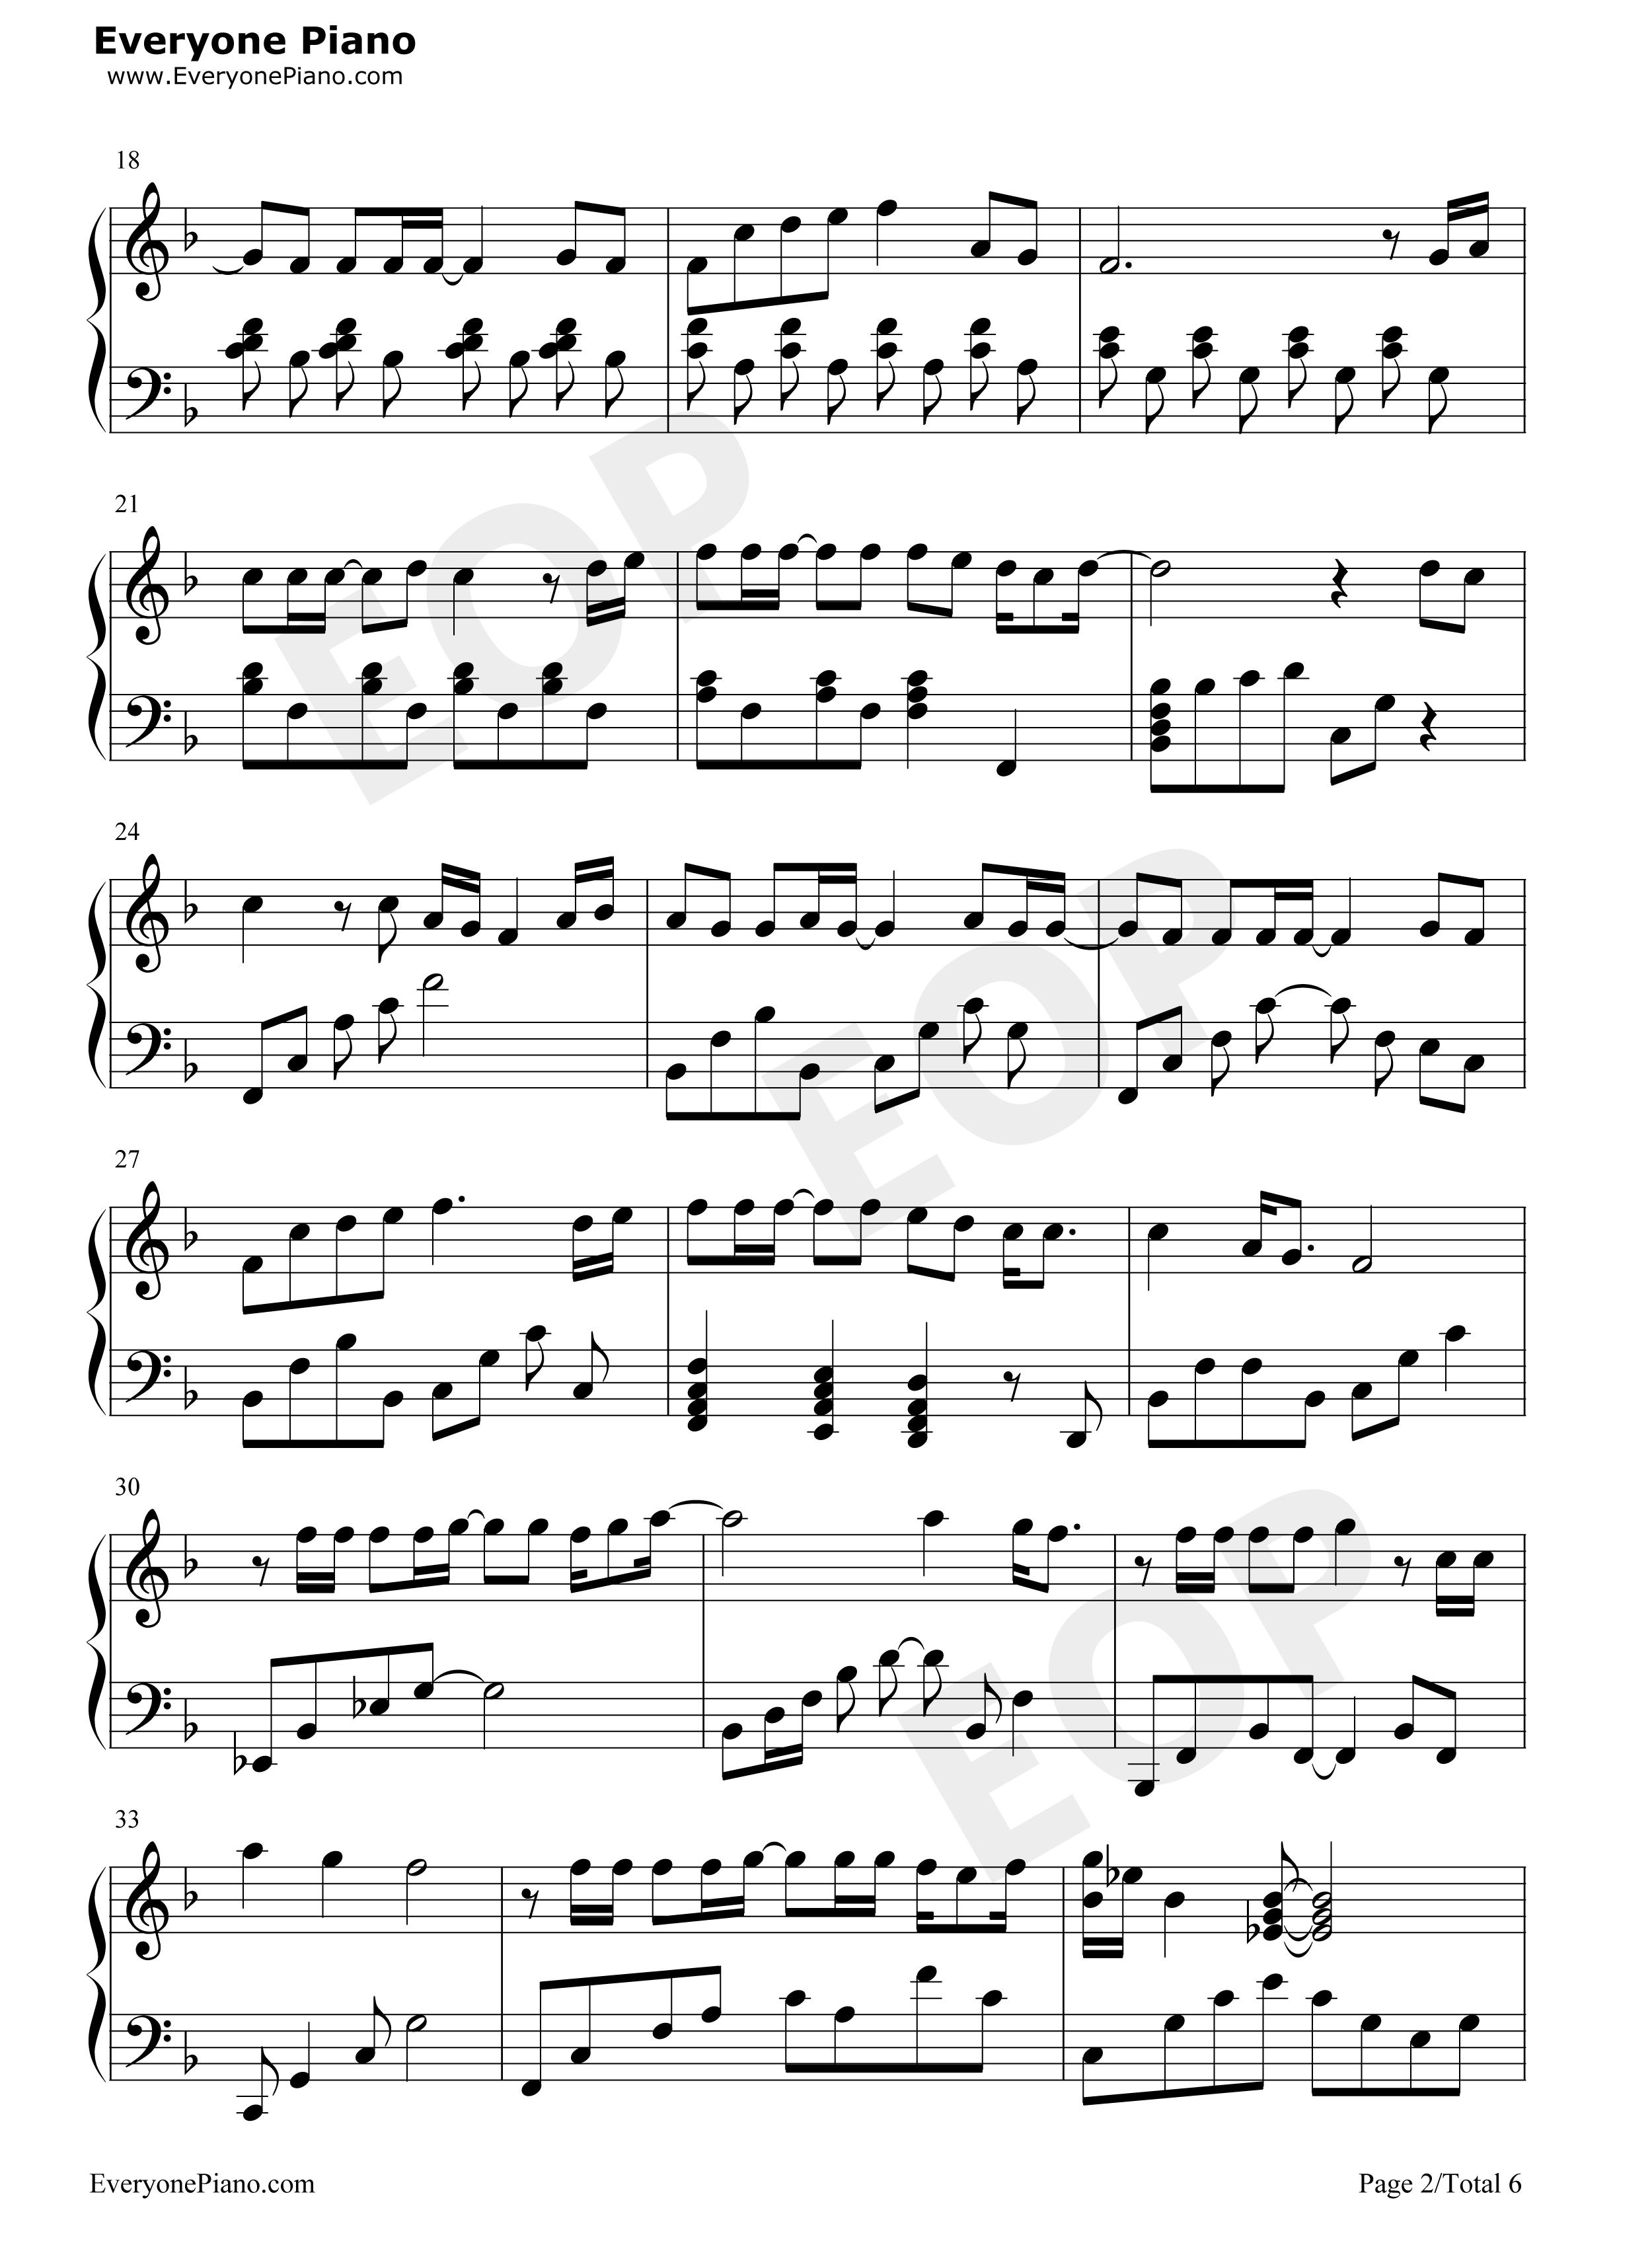 海阔天空五线谱预览2-钢琴谱(五线谱,双手简谱)免费